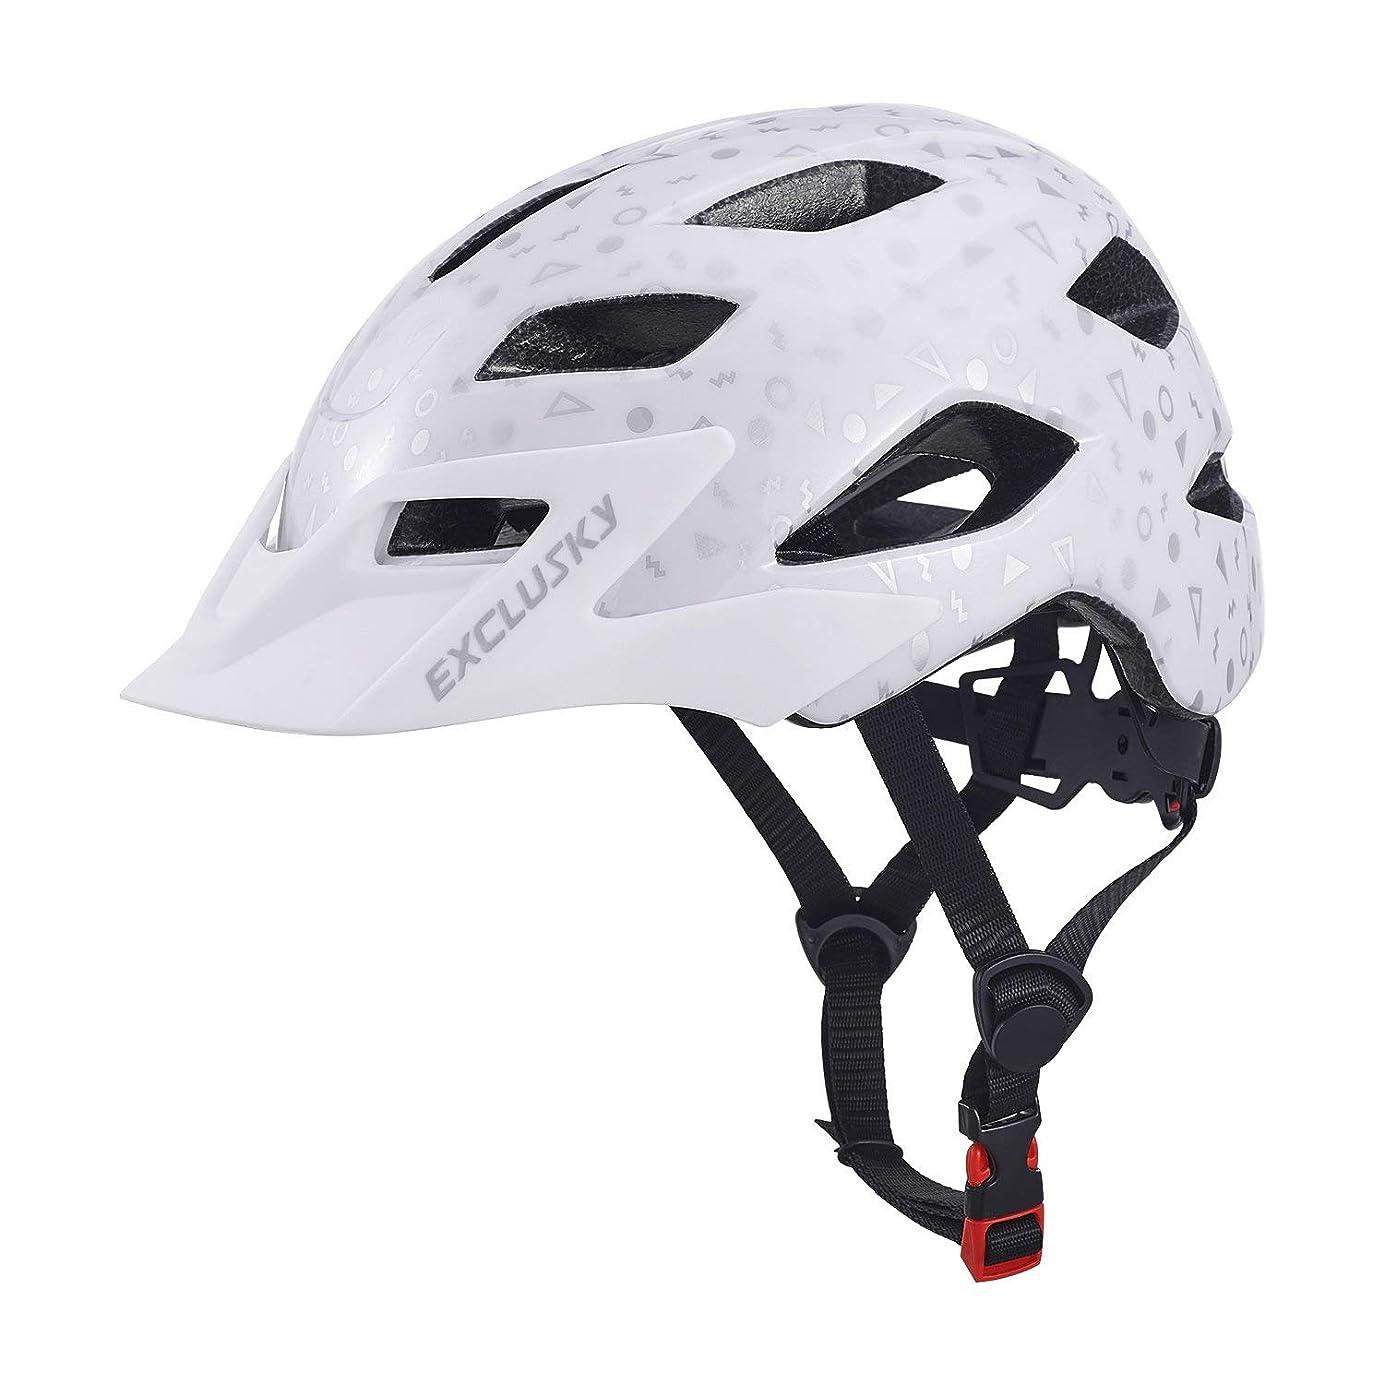 高揚したイベント自己Exclusky ヘルメット 子供用 自転車 軽量 サイズ調整可能 子供用プロテクター スケートボード キックボード インラインスケート スポーツヘルメット 50~57CM(5~13歳)